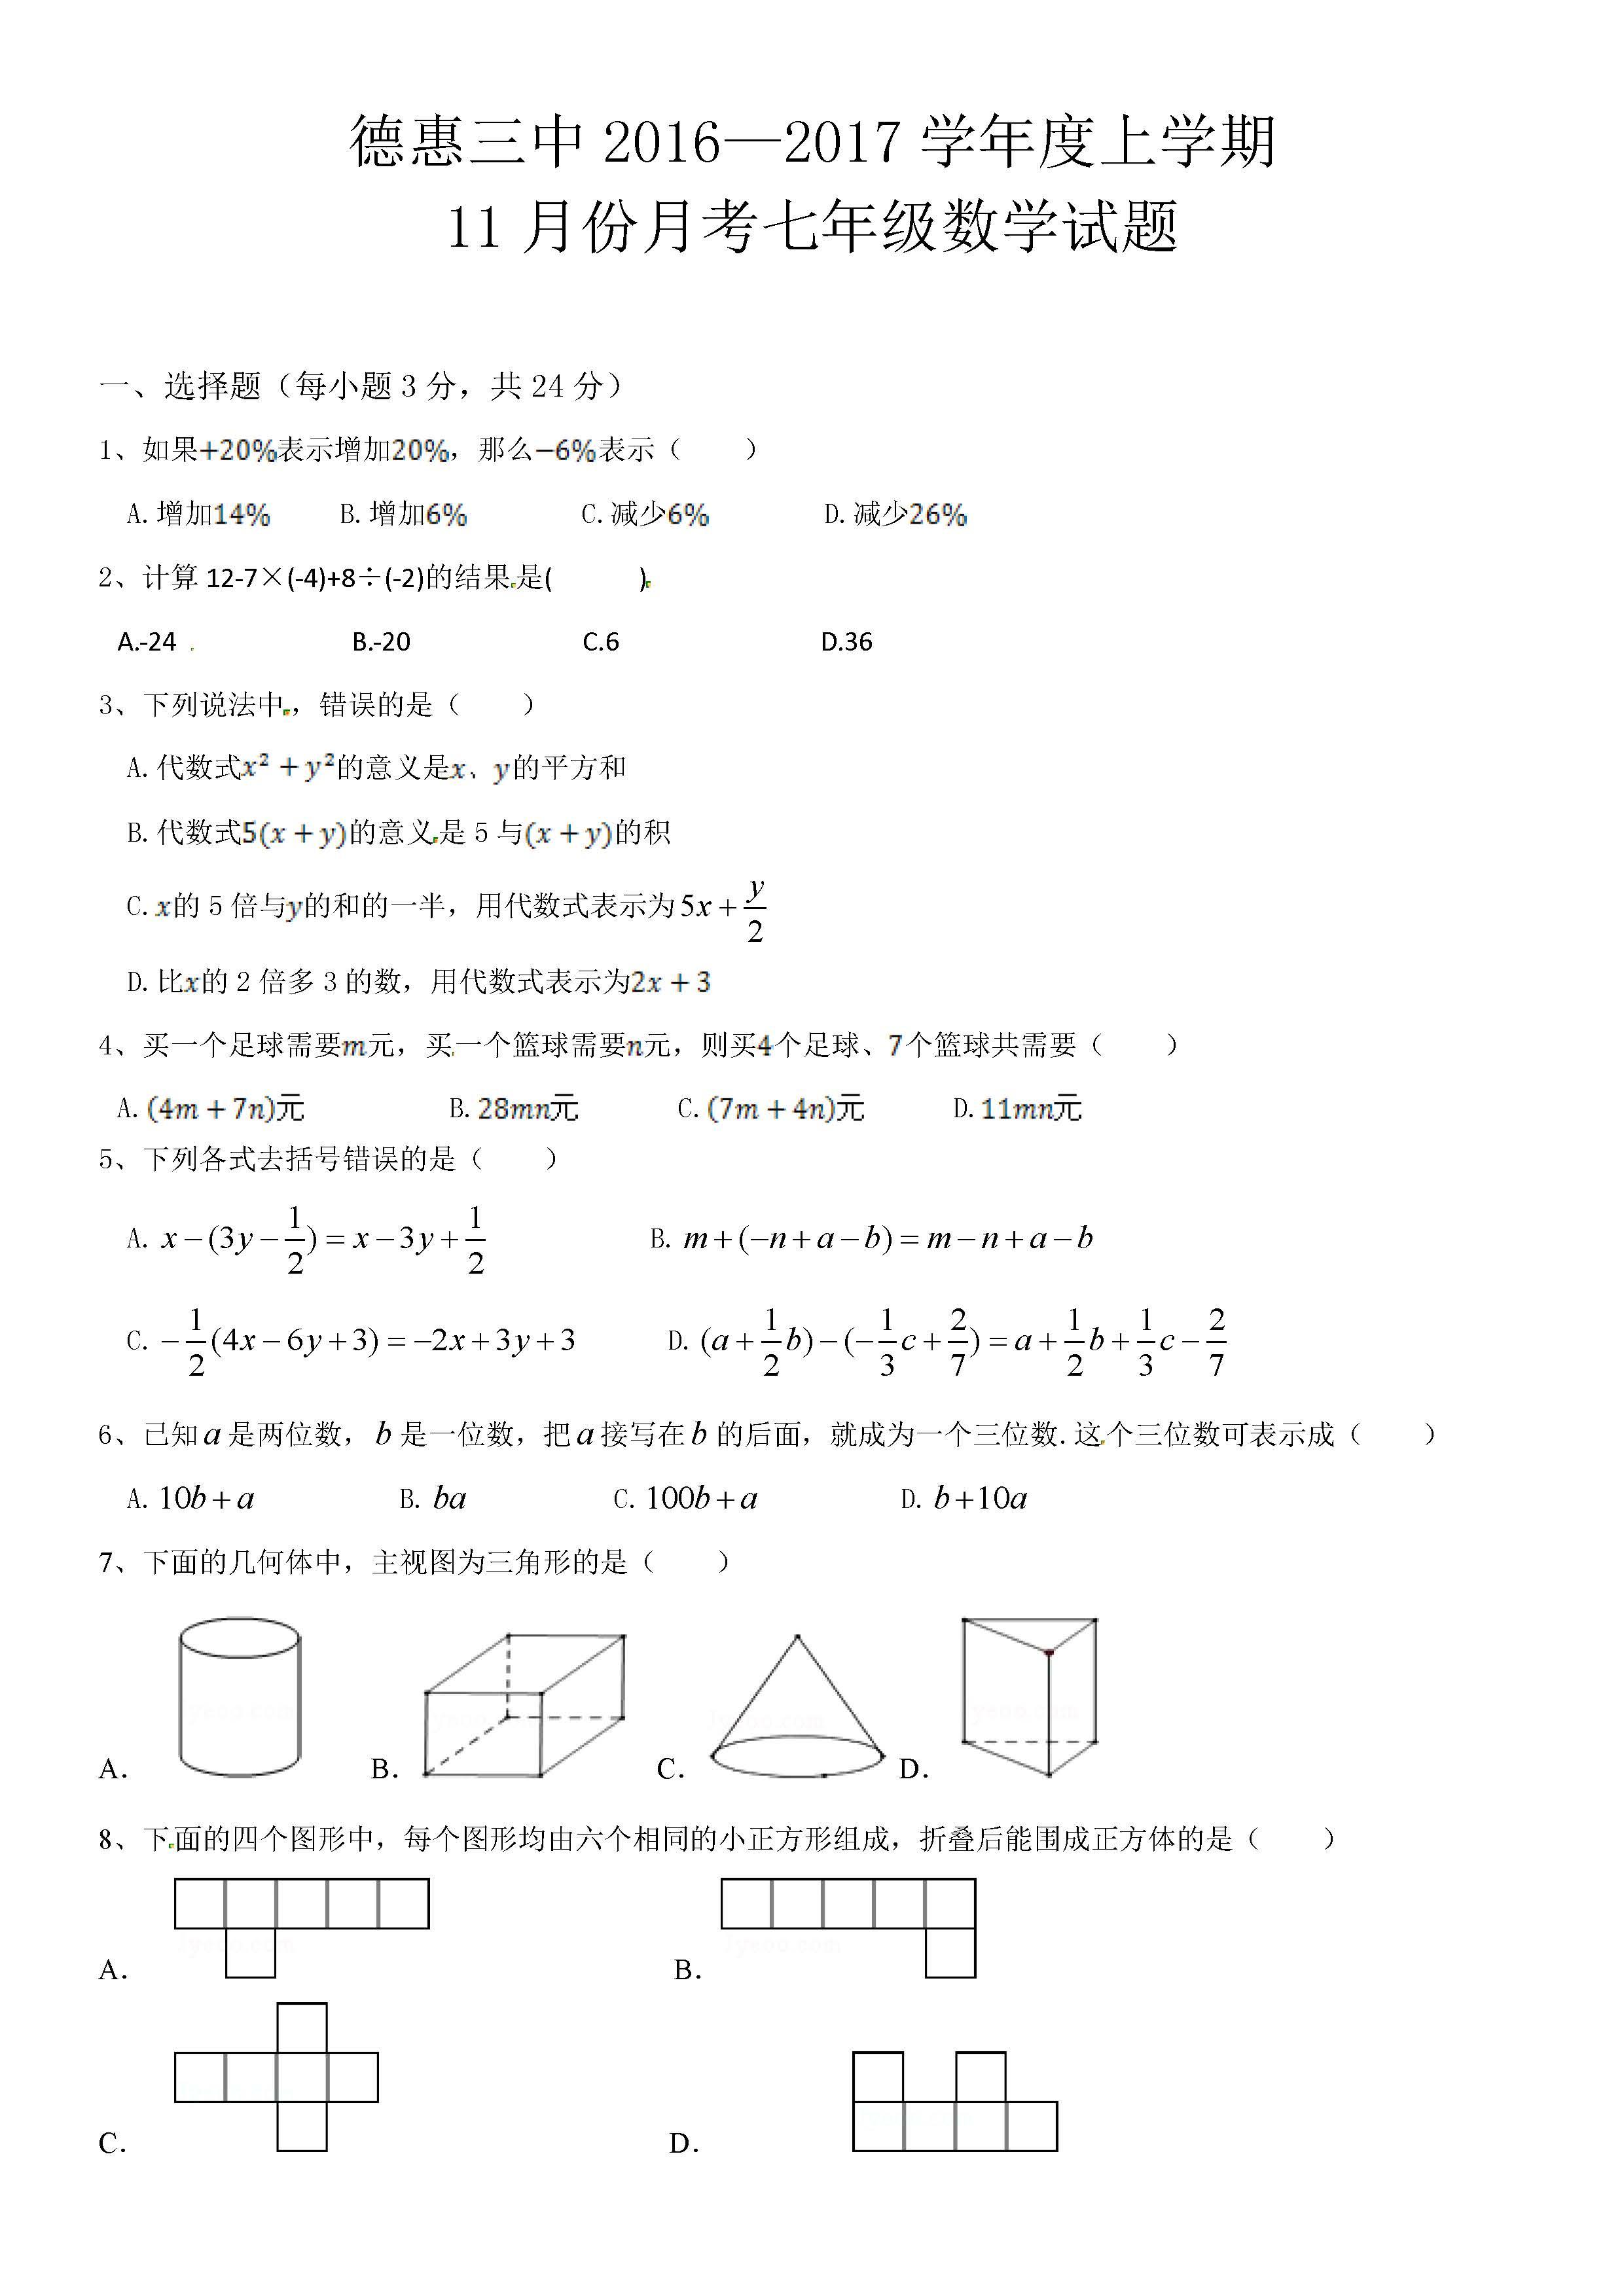 2016德惠三中七年级上11月数学月考试题(含答案)